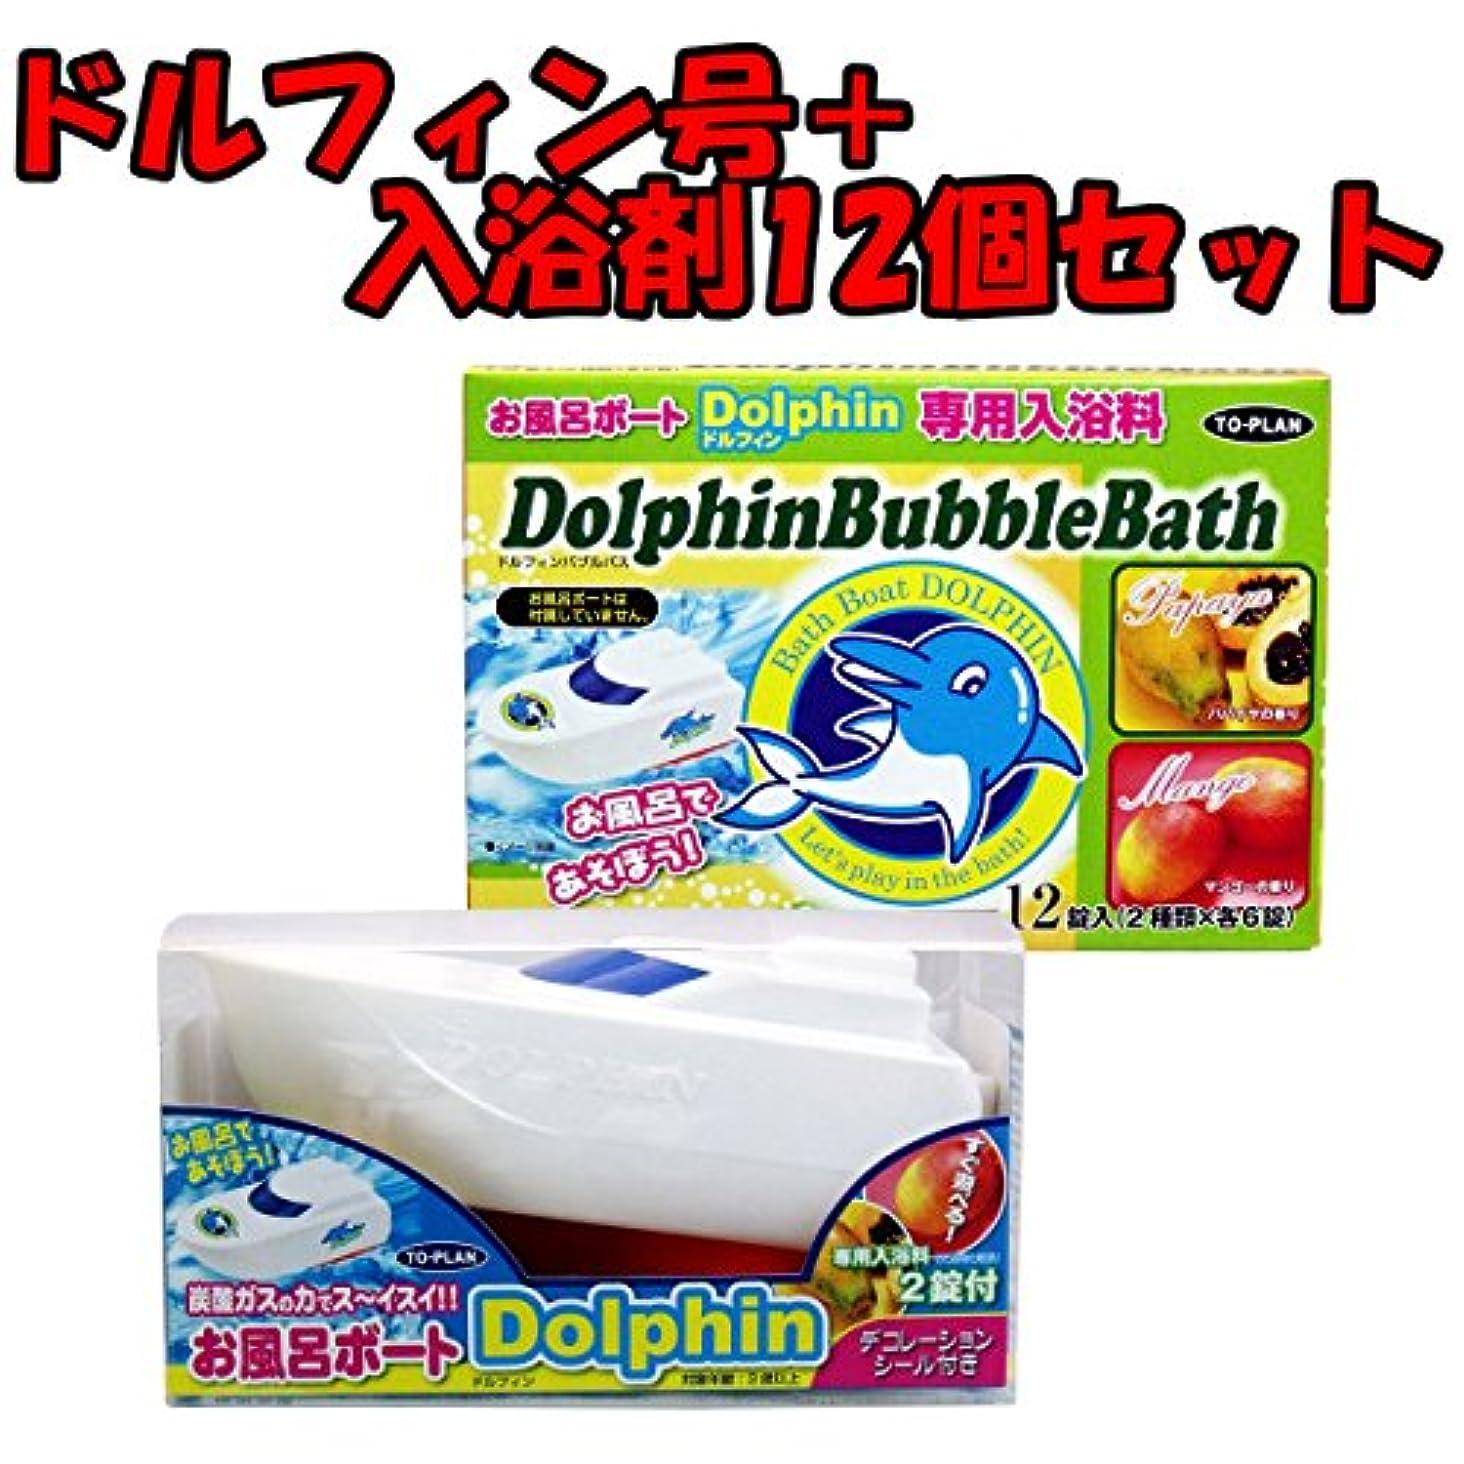 マウント滴下報酬のお風呂ボート ドルフィン号 本体+詰替用 ペアセット